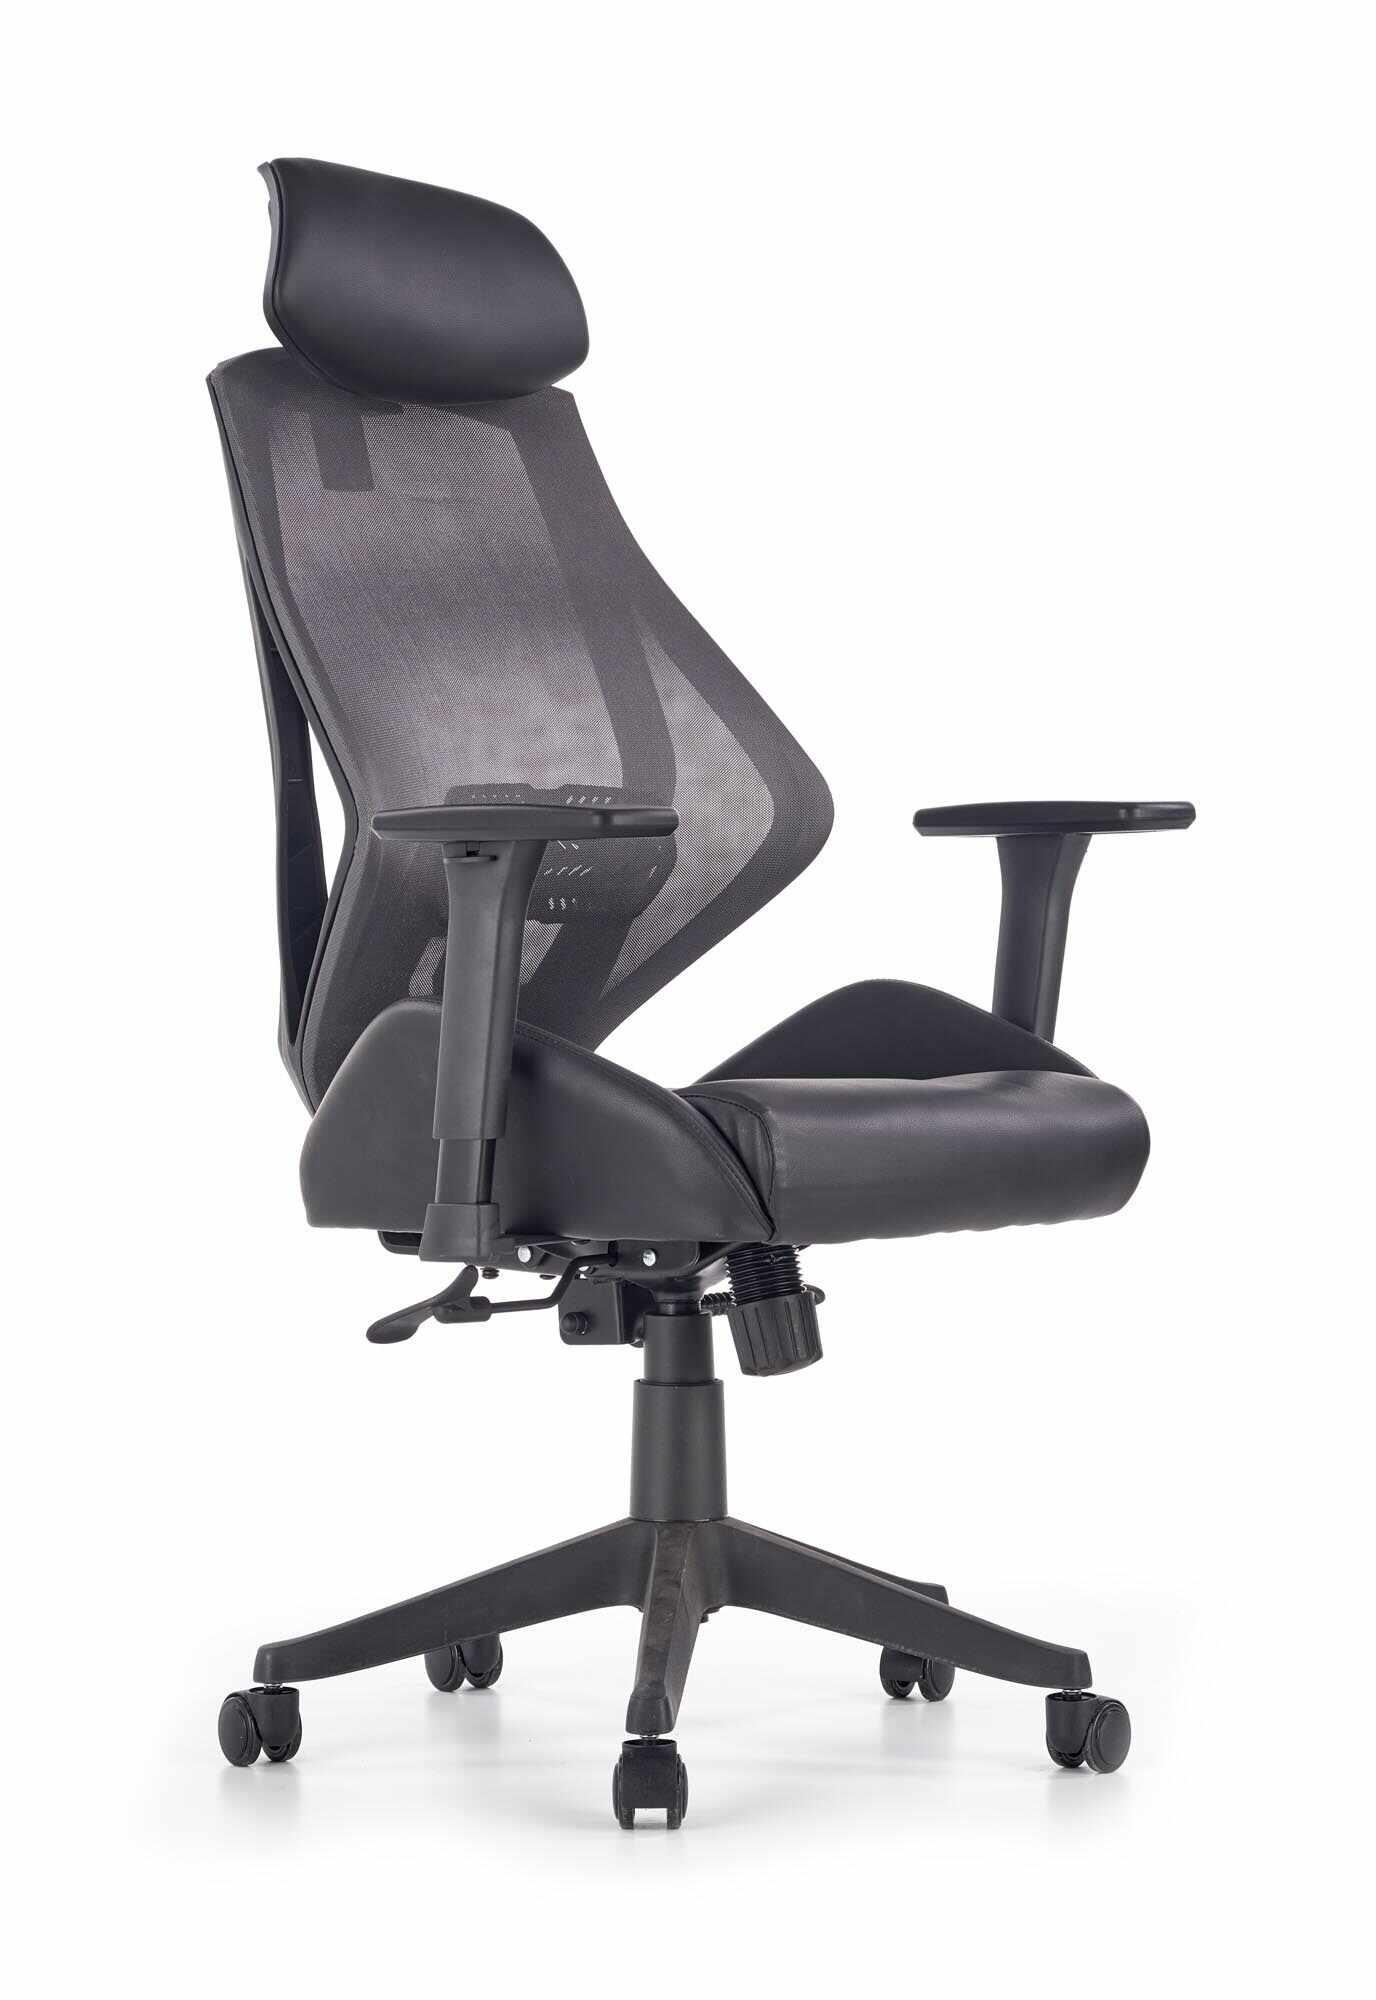 Scaun de birou ergonomic, tapitat cu piele ecologica Hasel Negru / Gri, l68xA78xH110-118 cm la pret 643 lei